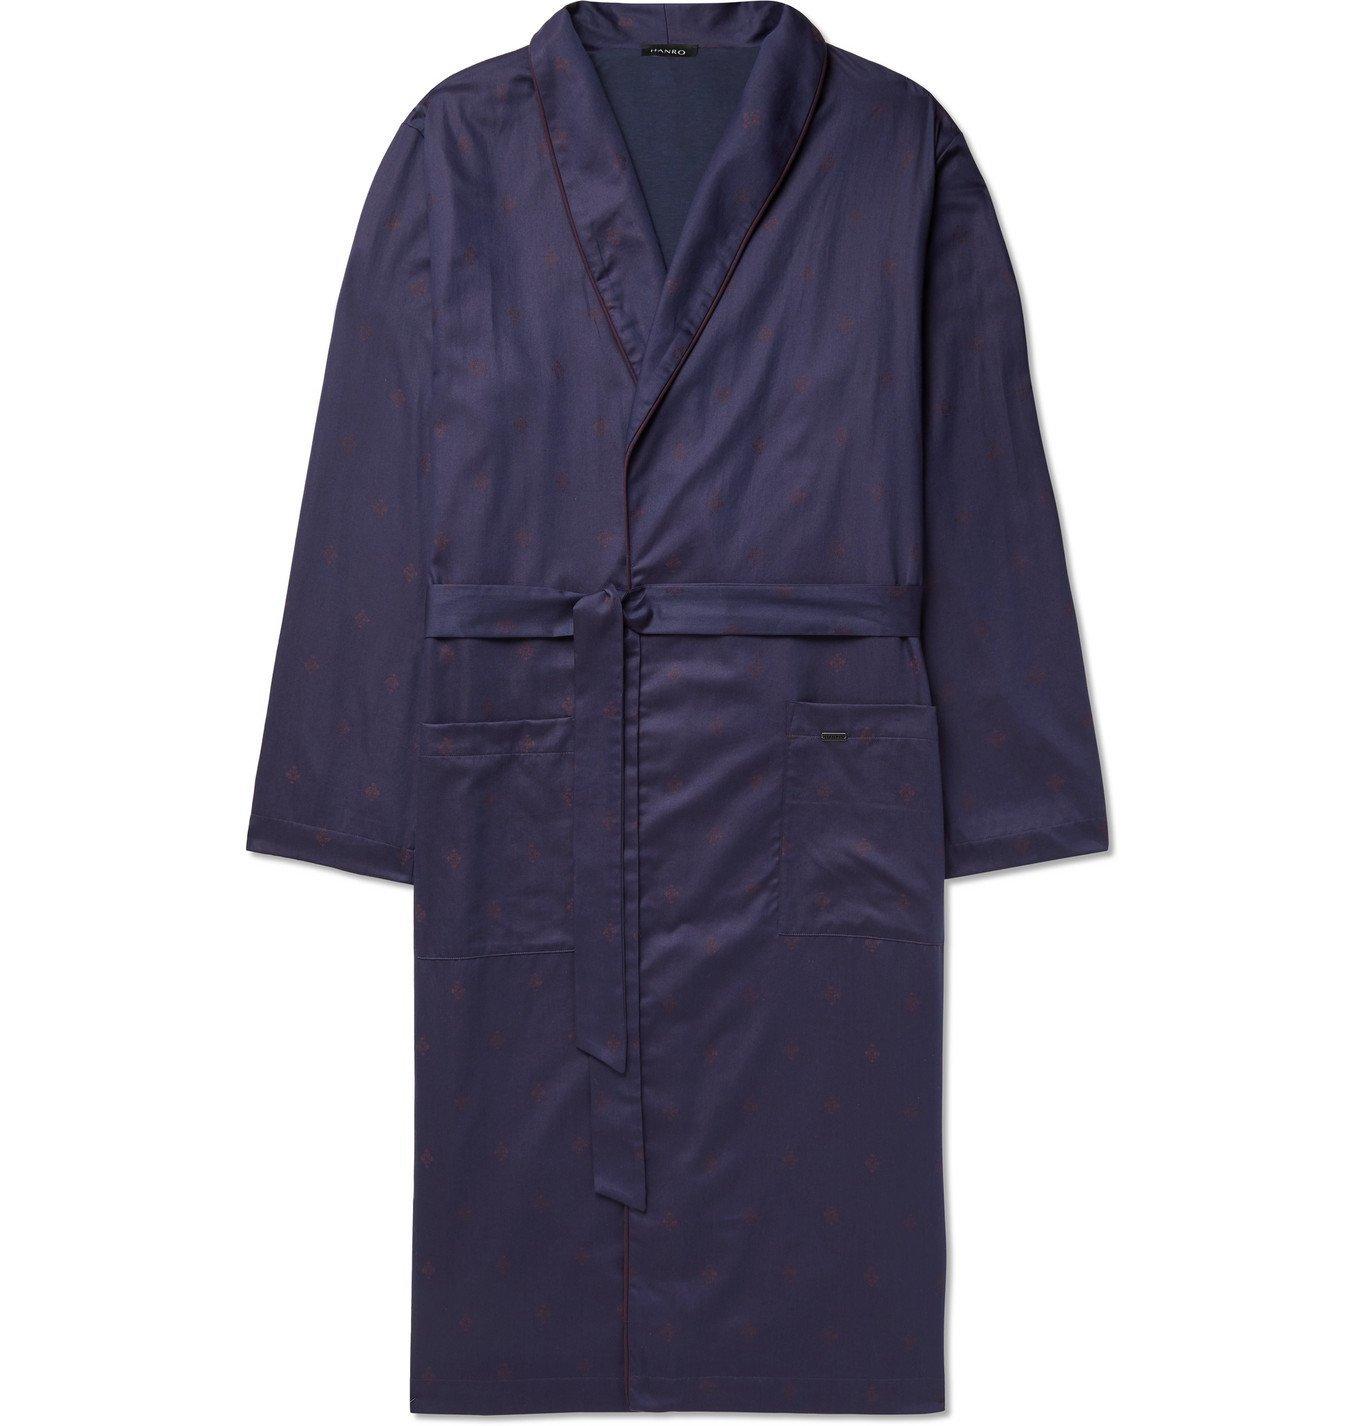 Hanro - Leano Piped Cotton-Jacquard Robe - Blue